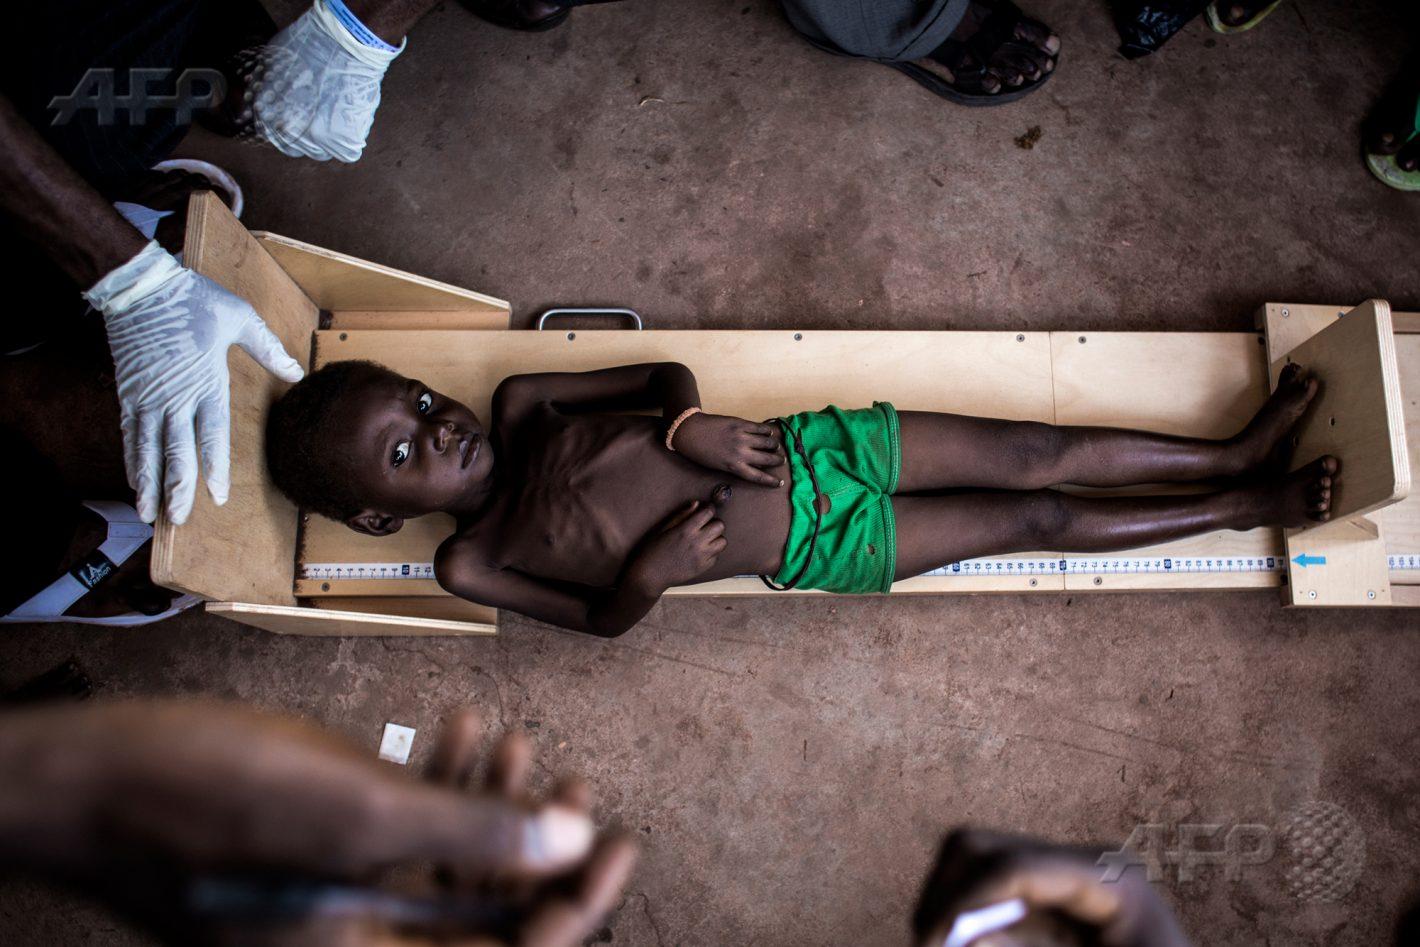 26 octobre 2017 – Tshikapa, République Démocratique du Congo - Un enfant souffrant de malnutrition est mesuré dans une clinique traitant des cas de malnutrition sévère, dans la région du Kasaï, dans le centre du pays. Les conflits dans les provinces du Kasaï entre la milice locale, les Kamwina Nsapu, et les forces gouvernementales ont déplacé plus de 1,4 million de personnes depuis août 2016. AFP / JOHN WESSELS